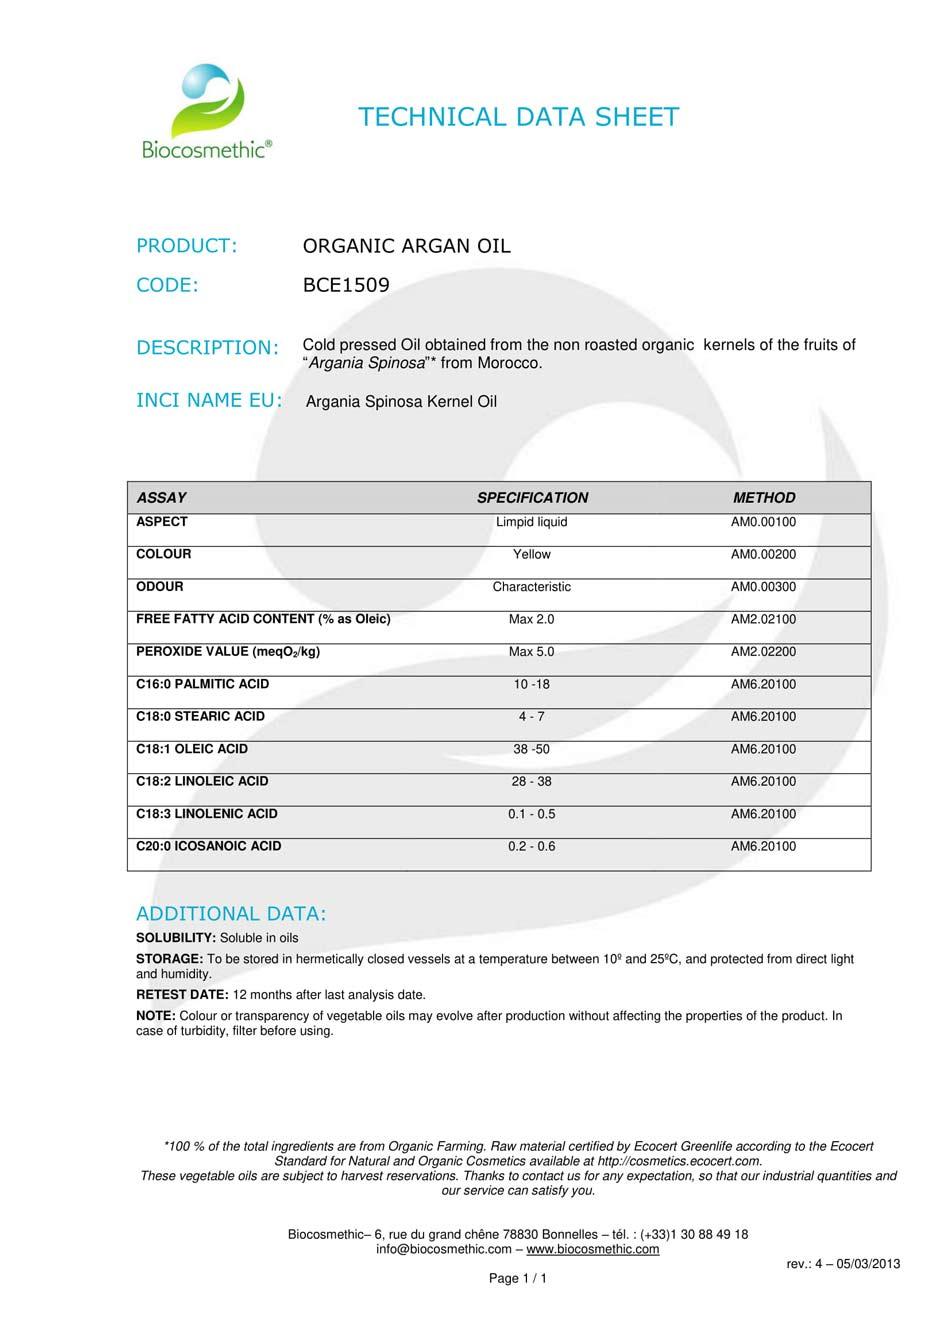 Argan Yağı Organik Sertifikası